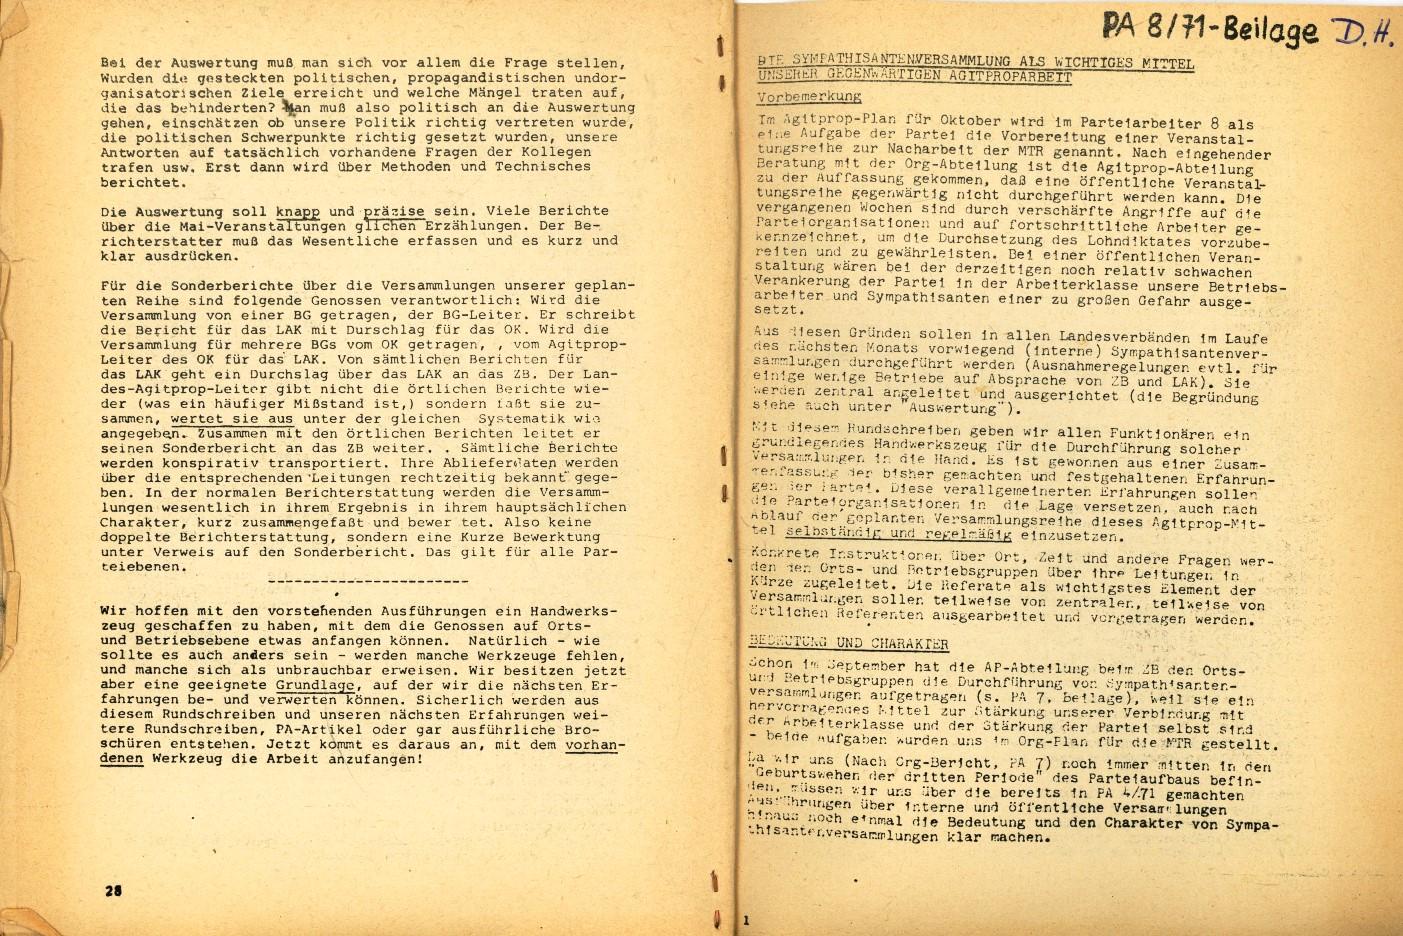 ZB_Parteiarbeiter_1971_08_Beilage_01